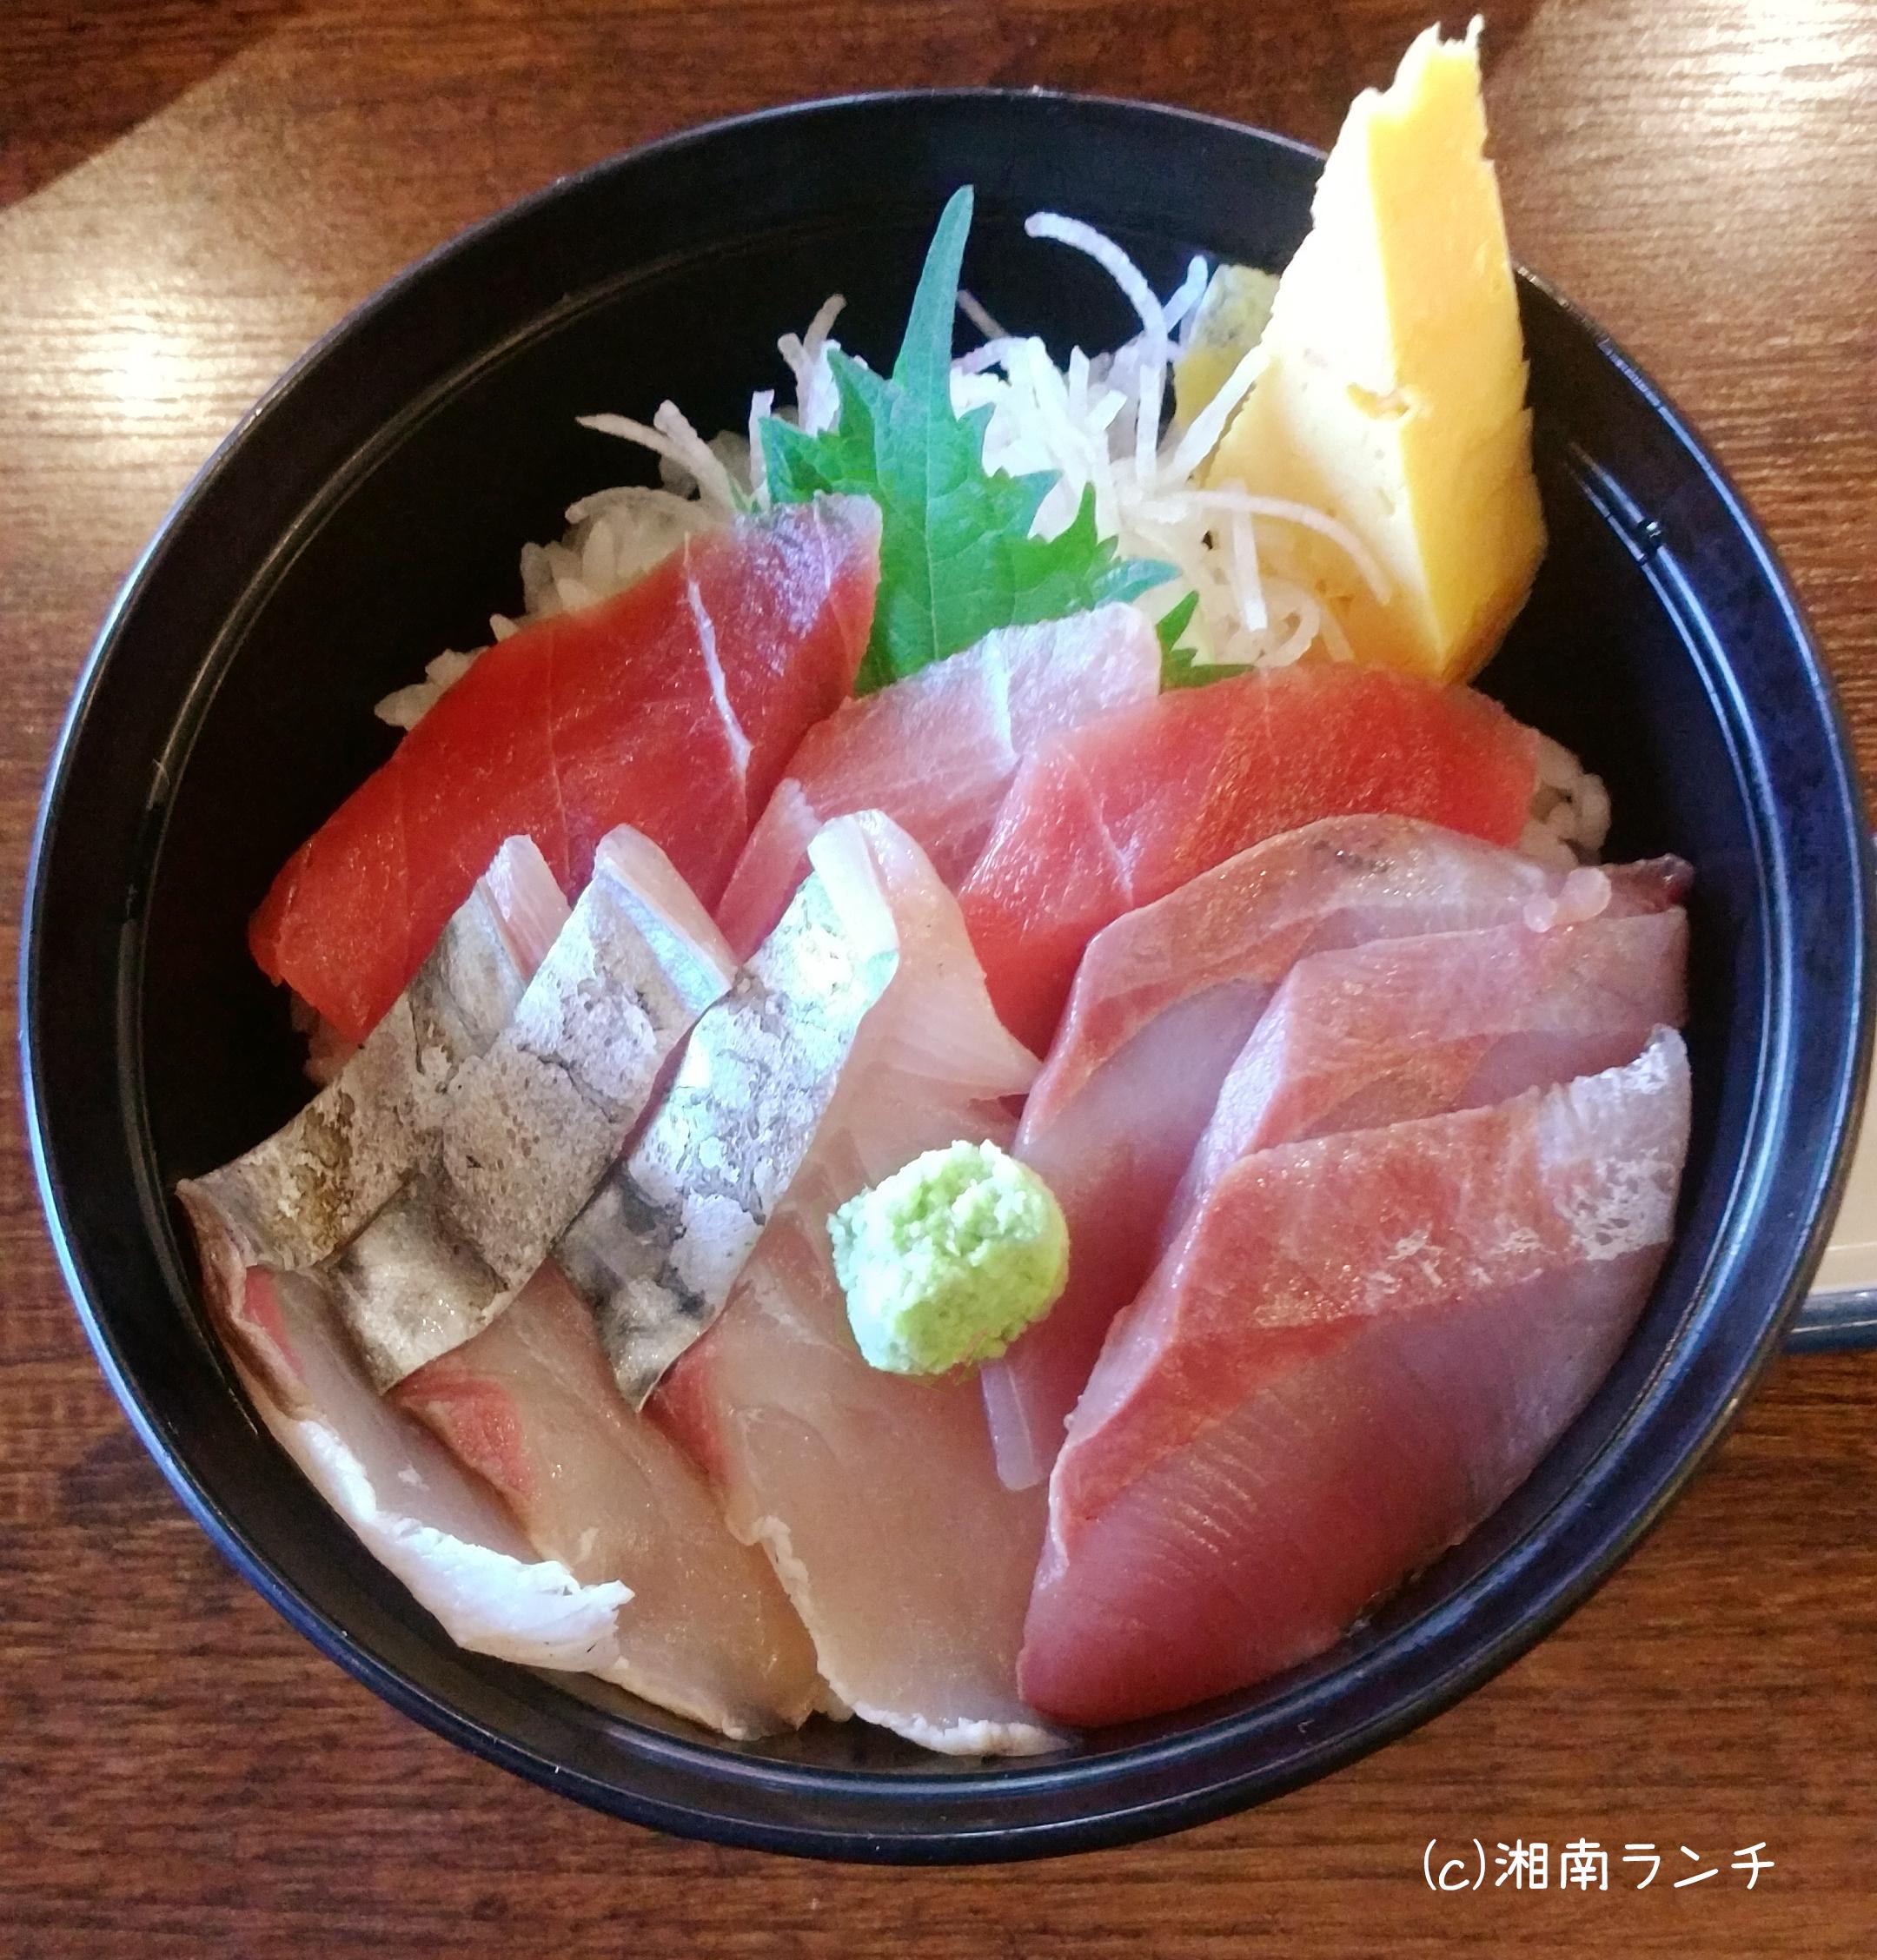 小田原早川漁村 本日の地魚3種盛り丼